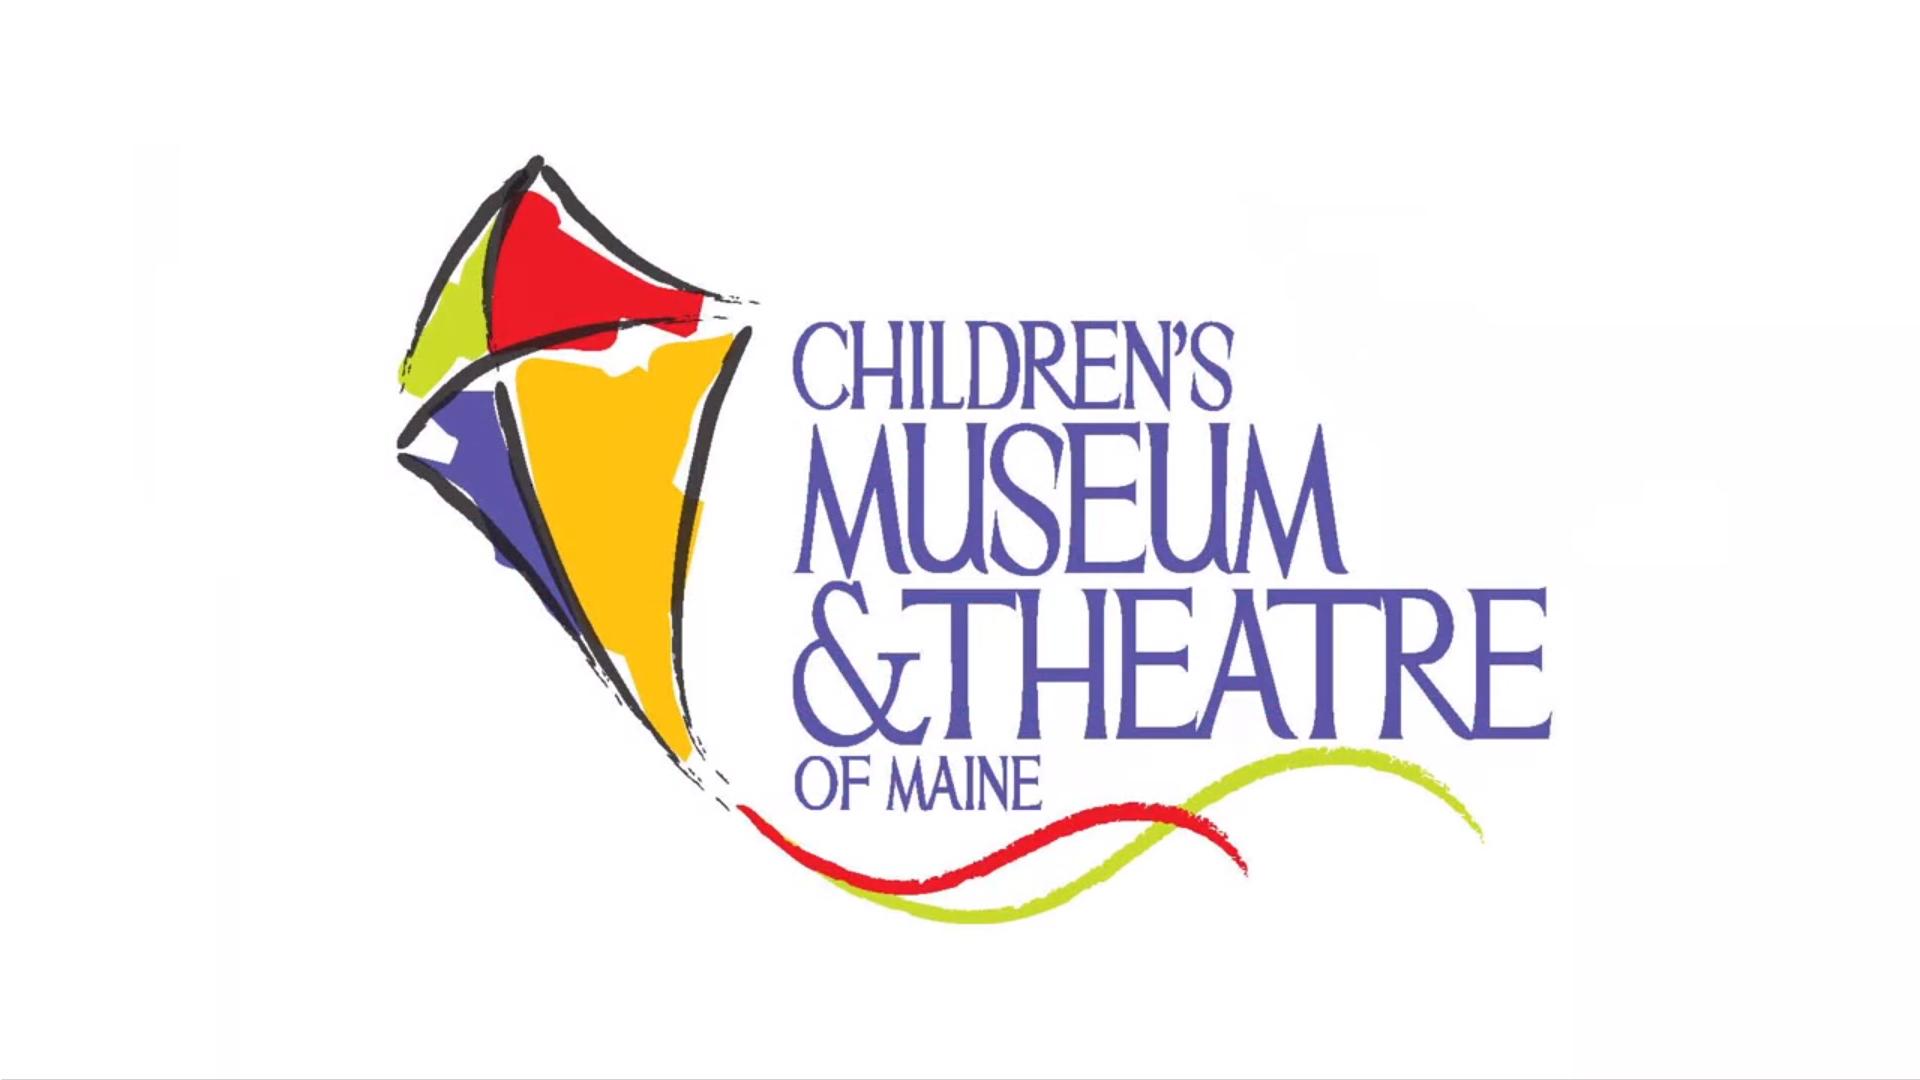 No Umbrella--Children's Museum & Theatre of Maine event video